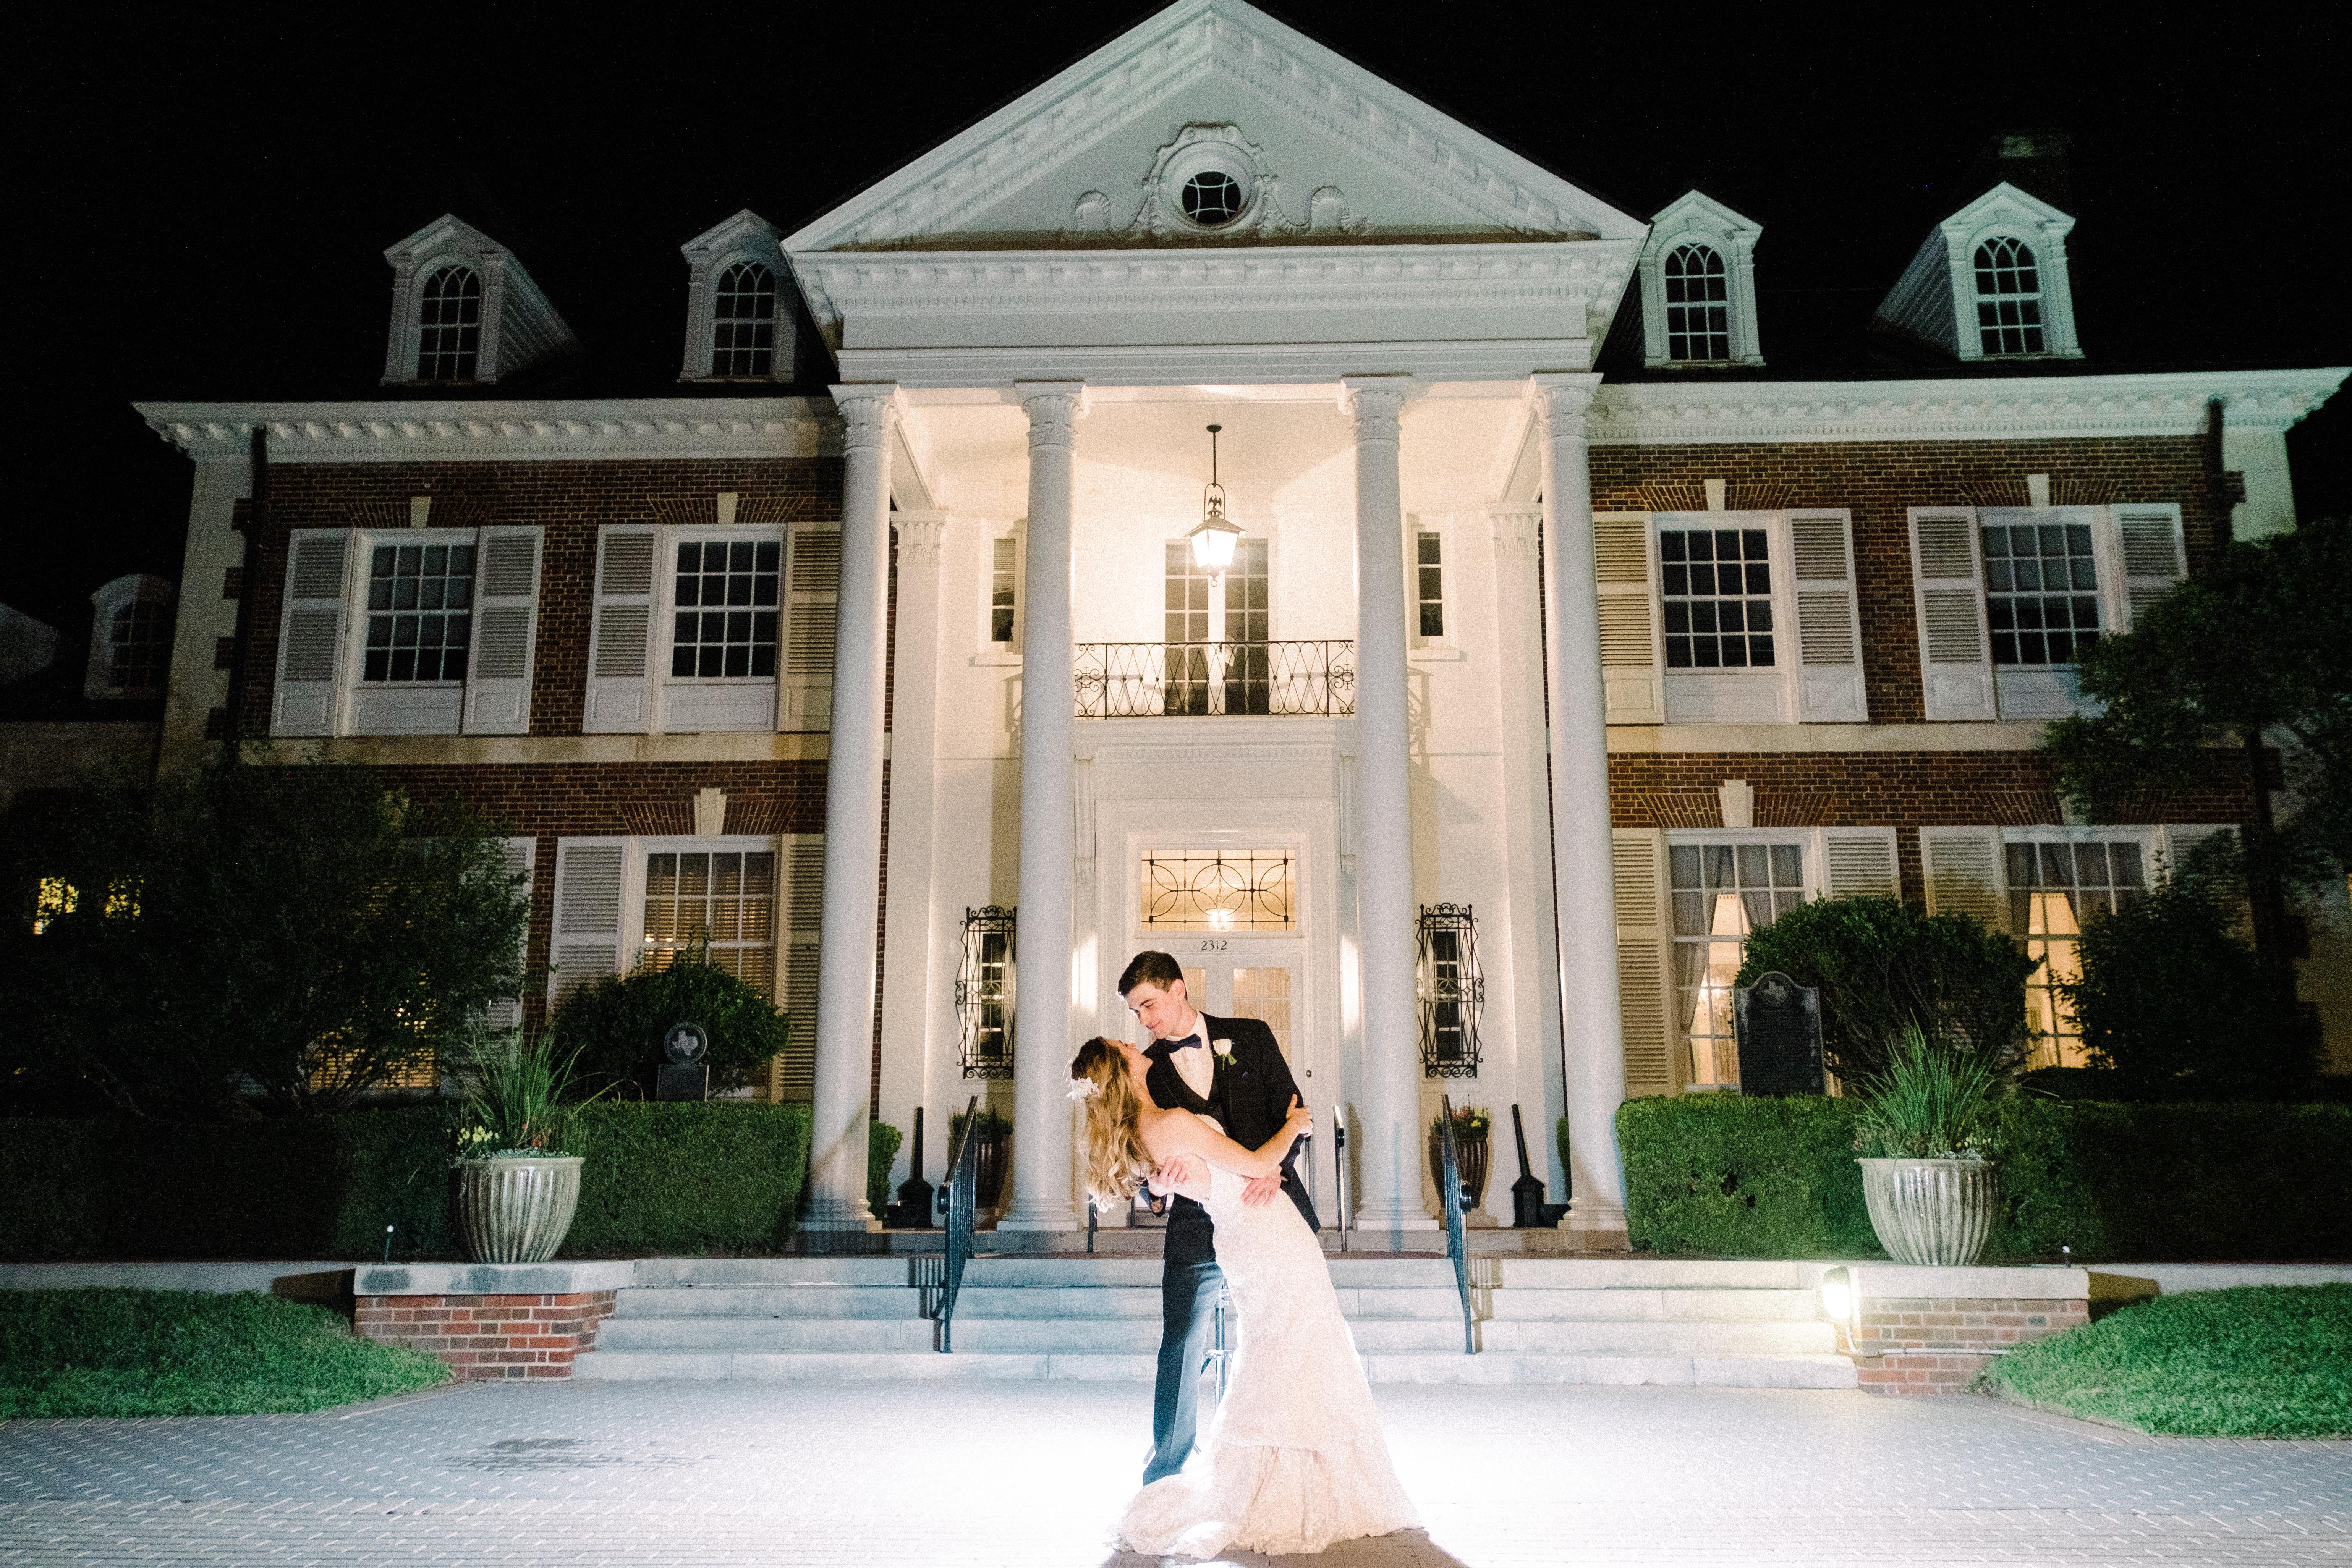 AnnieCarter_Sloane_Photo_Destination_Wedding_Photographer-0701